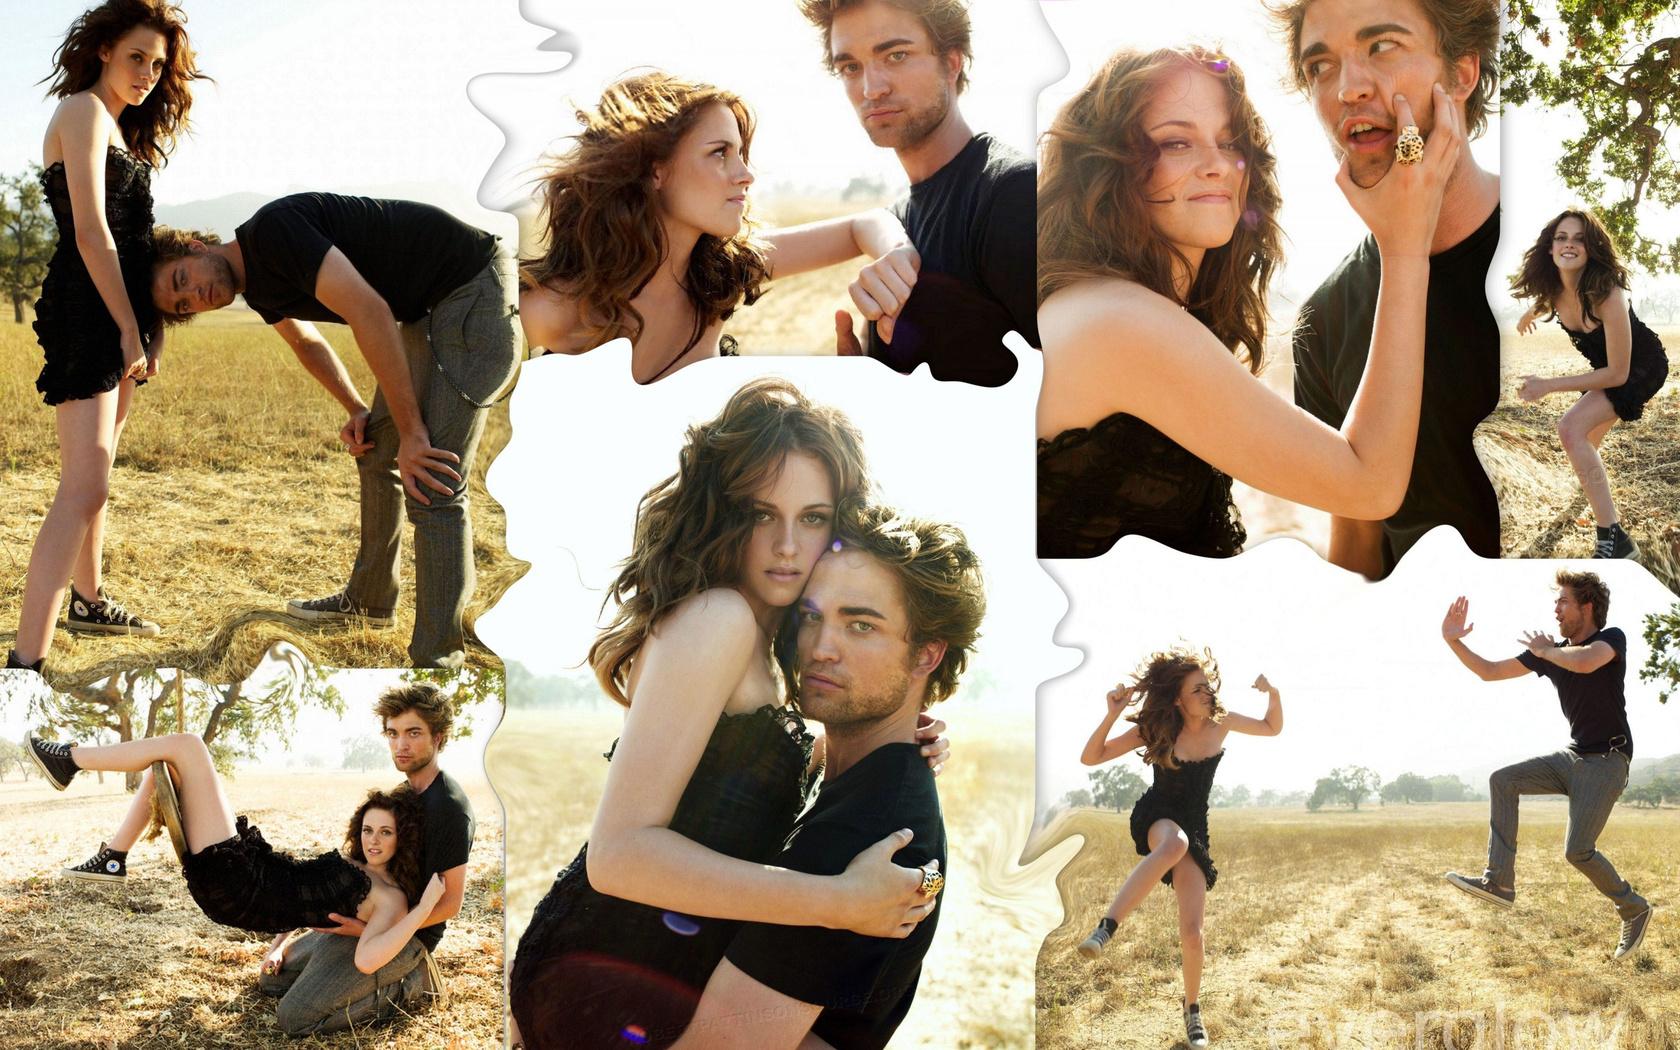 Robert & Kristen Vanity Fair